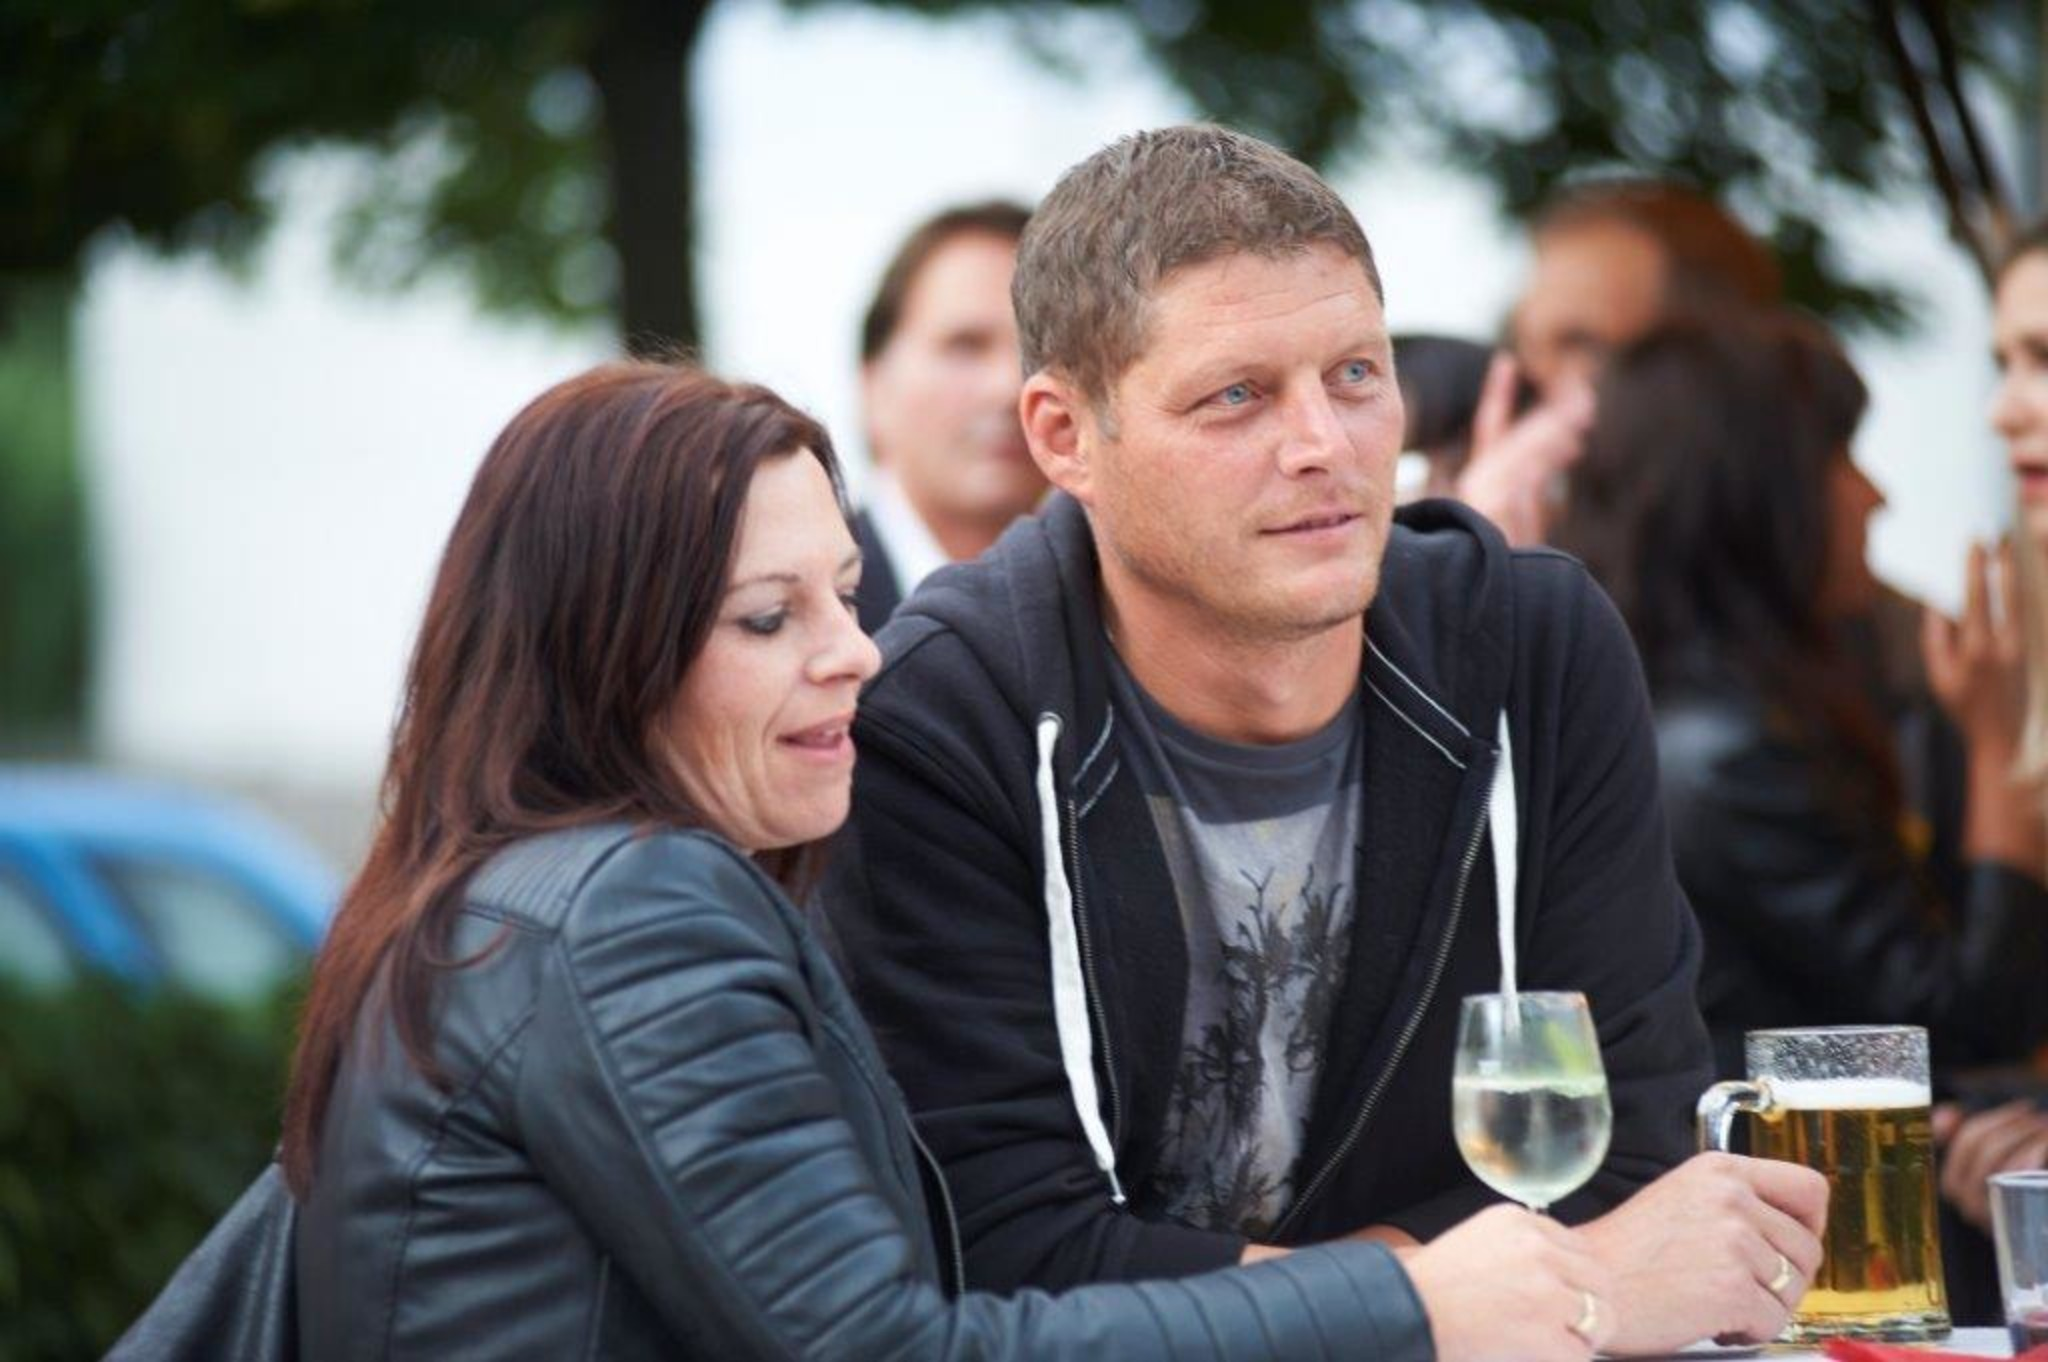 Wels-land dating berry Sextreffen im wald graupa - Sex treffen iserlohn